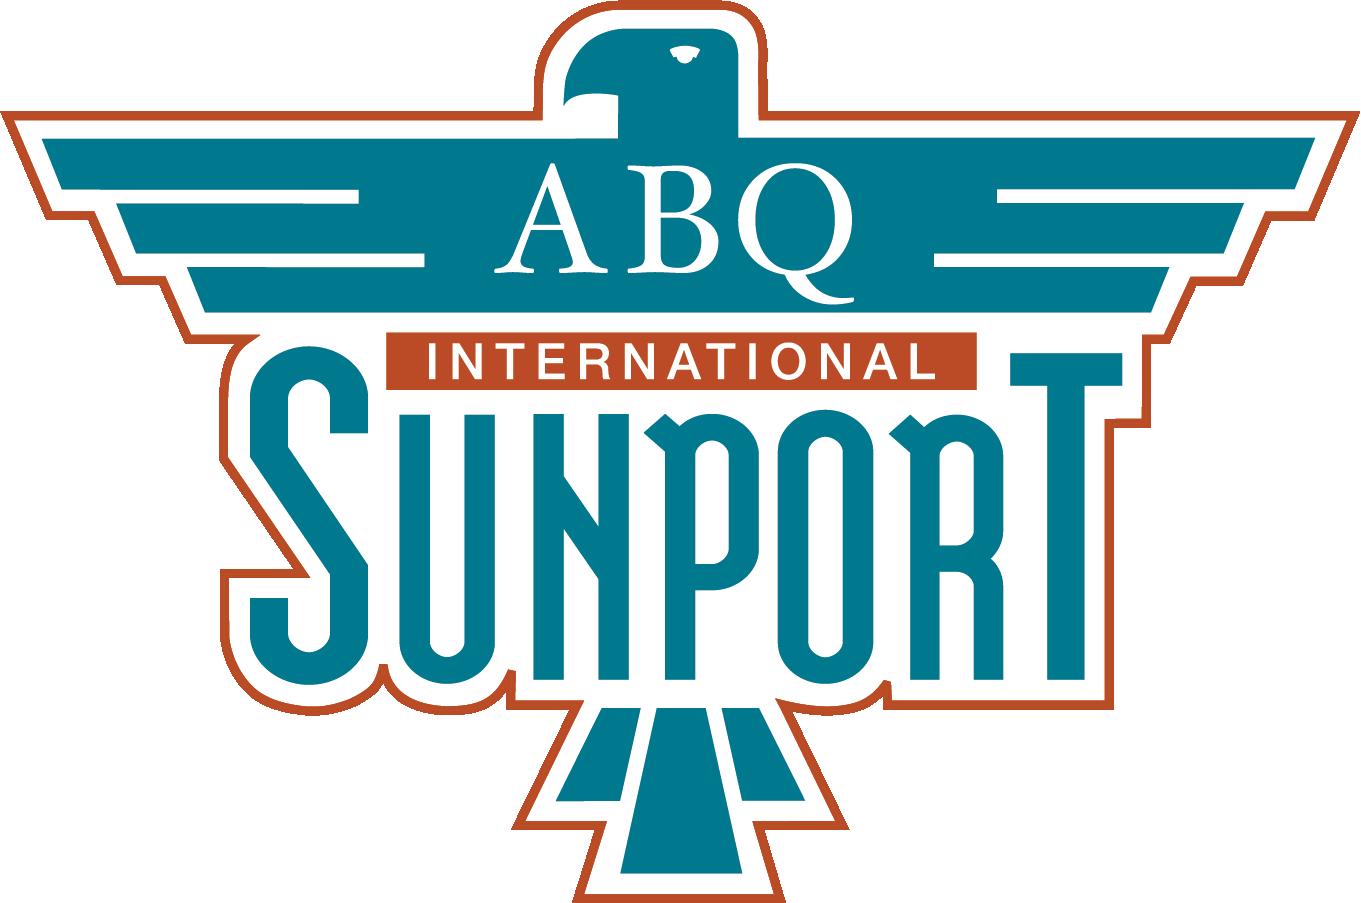 Web stranica za abq